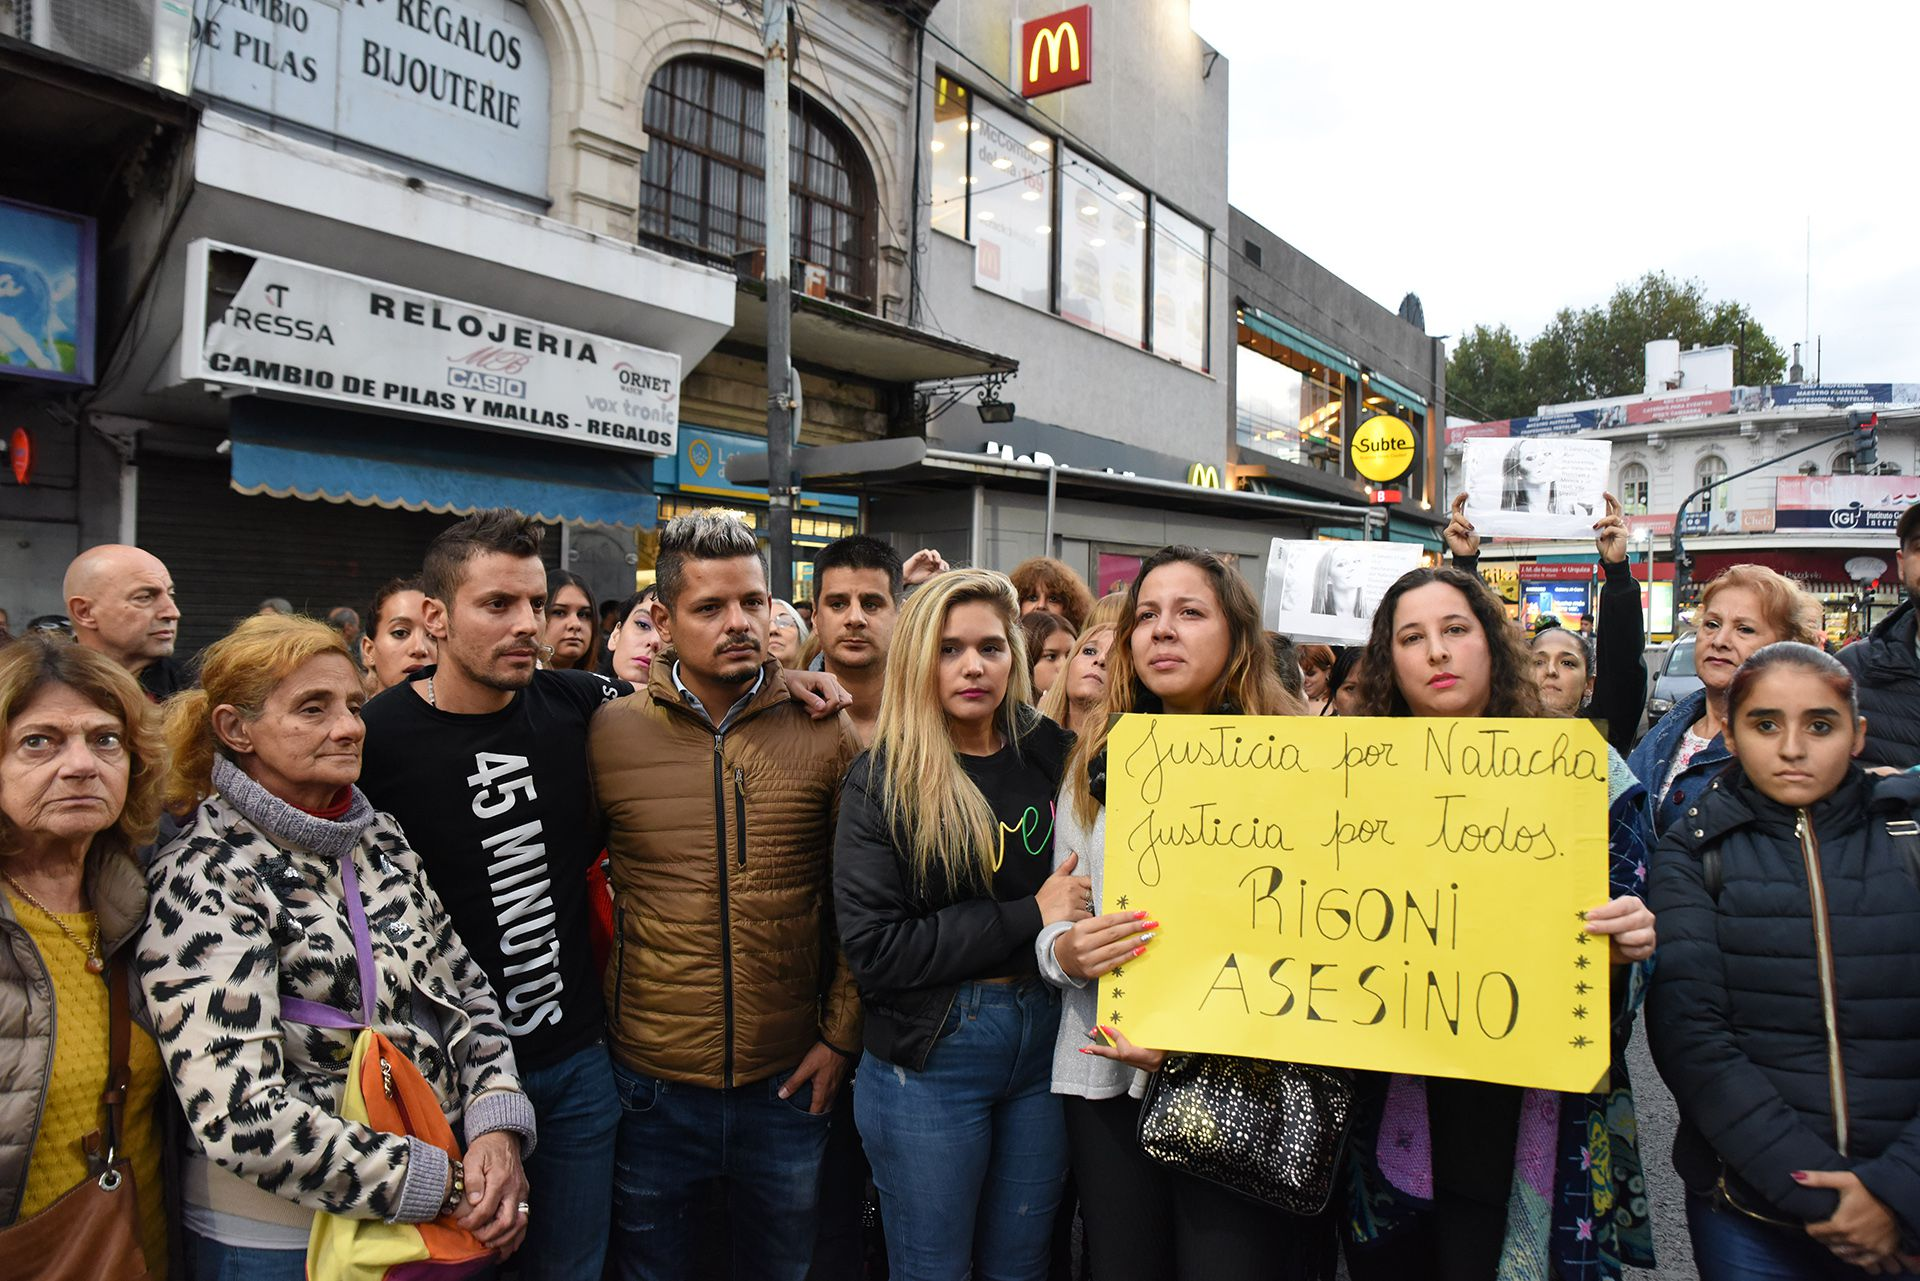 El abogado Alejandro Cipolla abraza a Ulises Jaitt durante una marcha en reclamo de justicia por la muerte de Natacha (Foto: Franco Fafasuli)